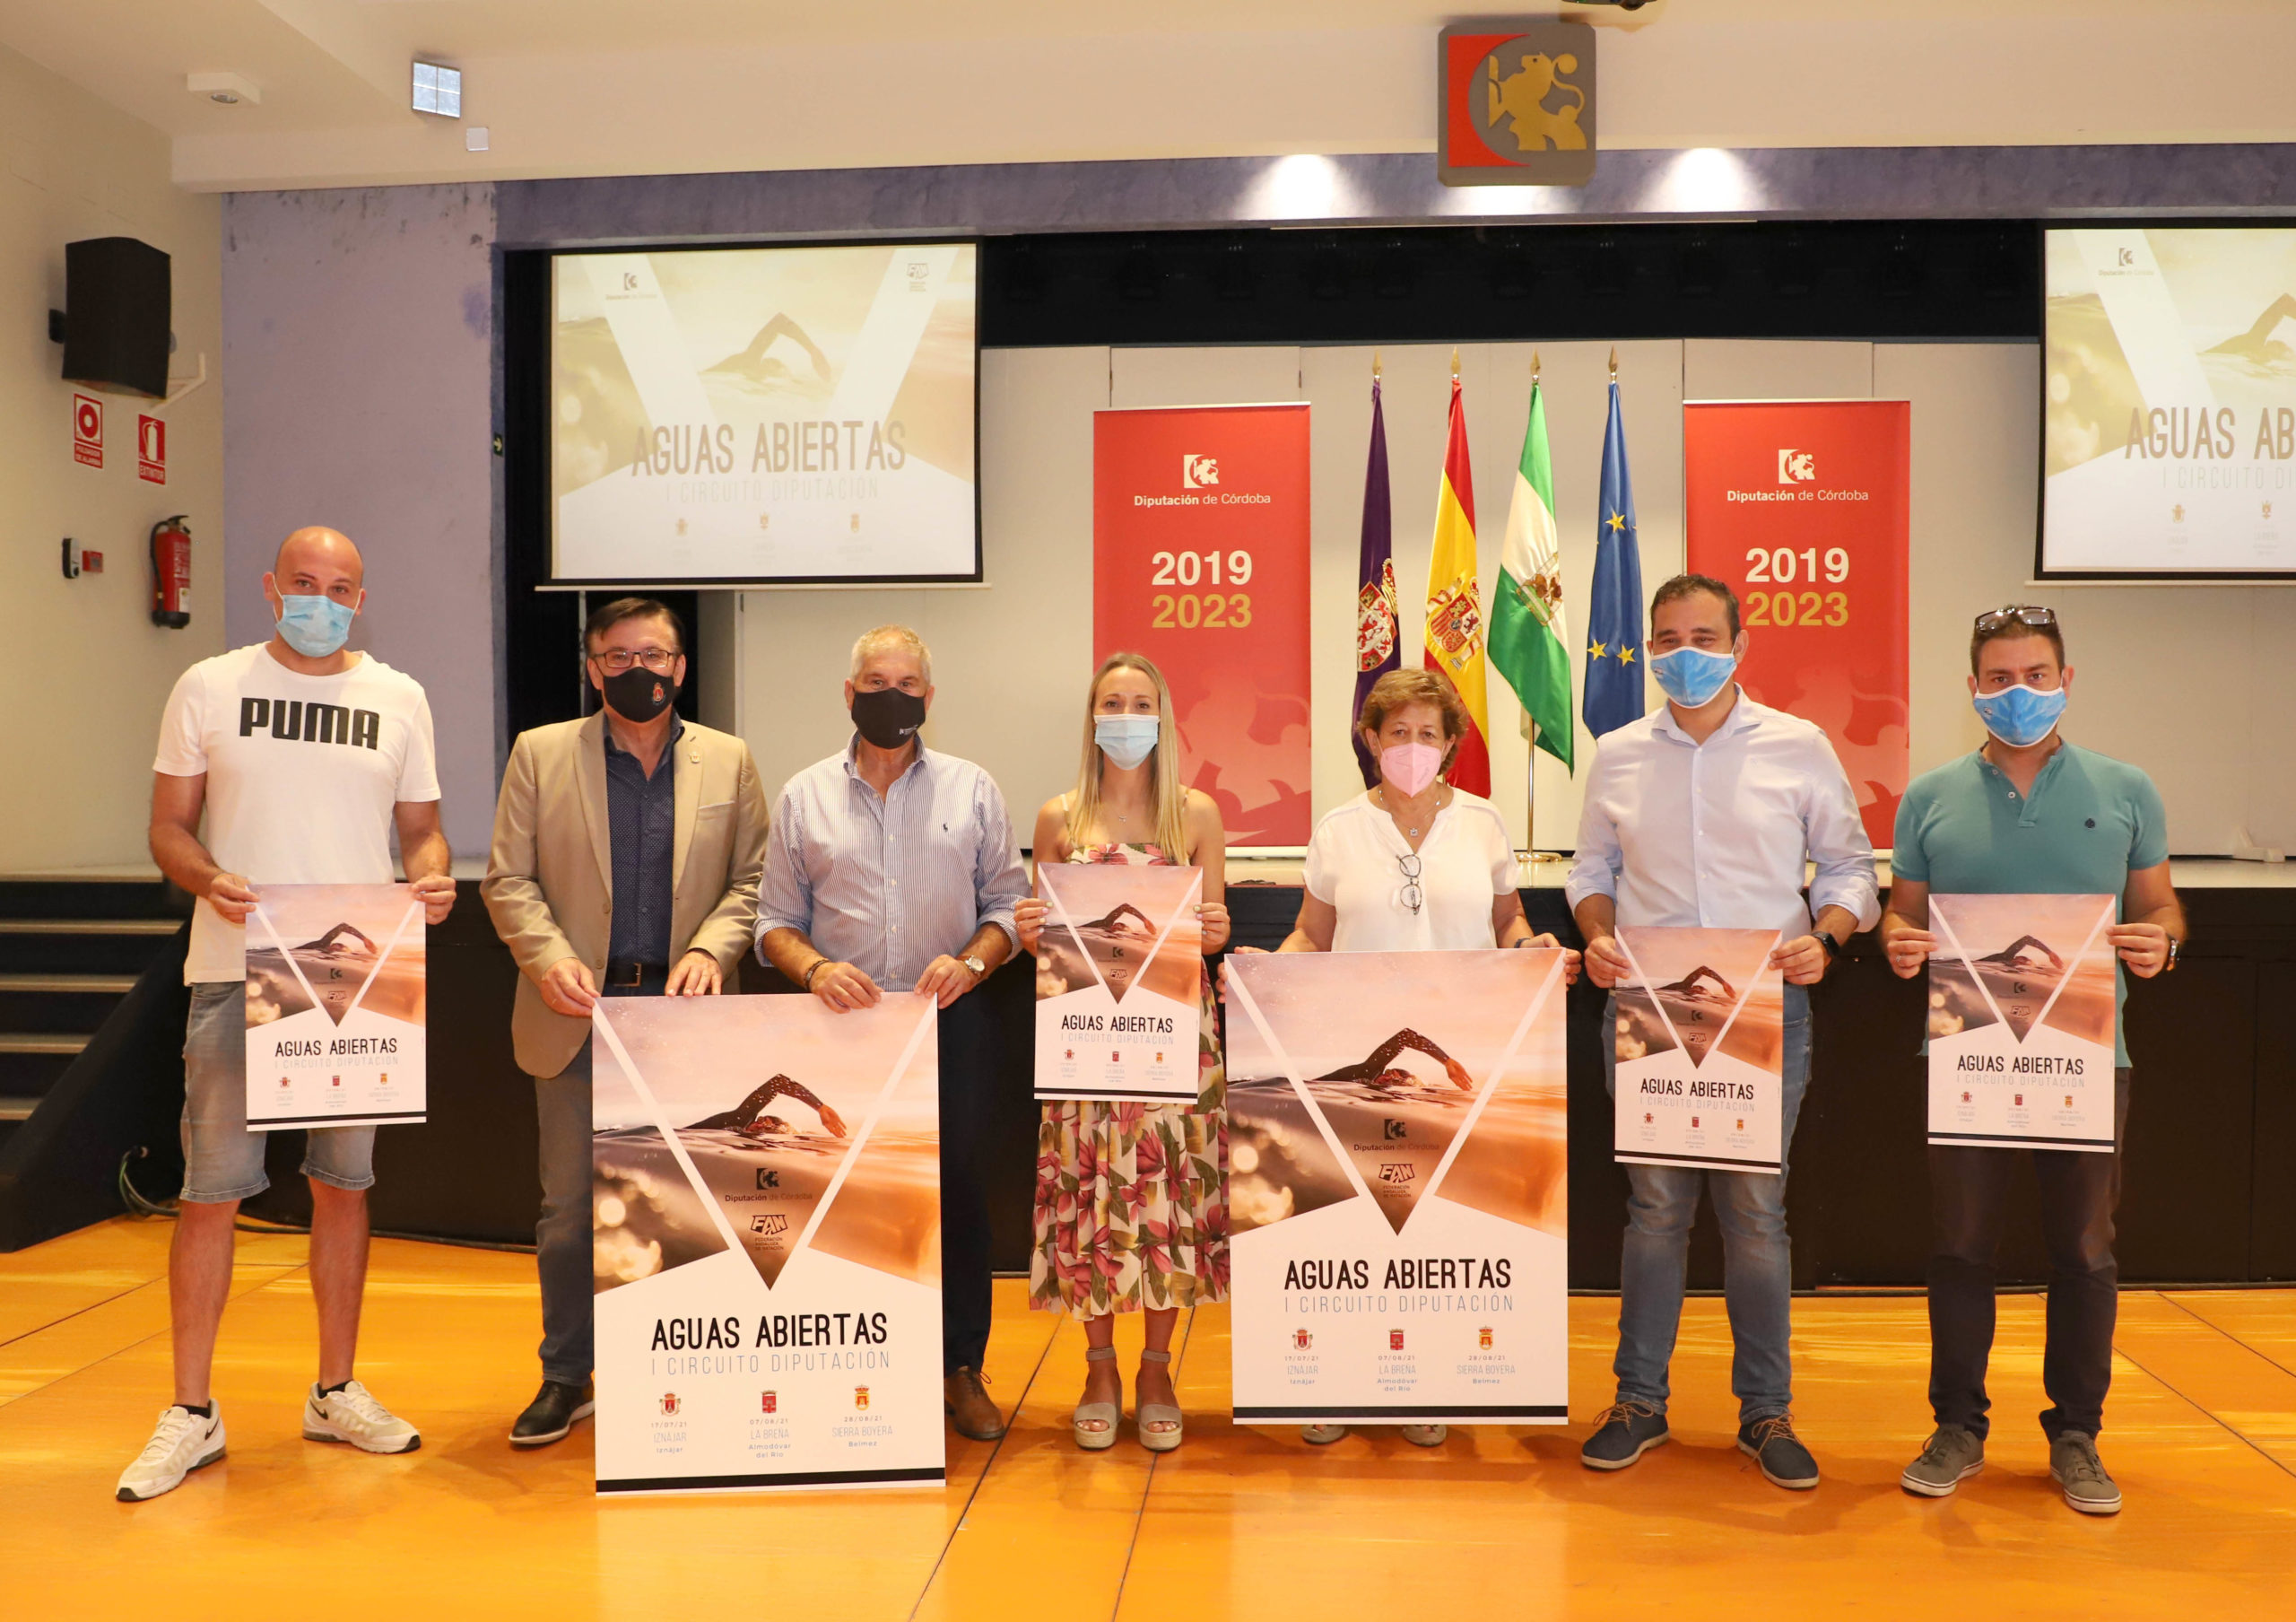 Nace el I Circuito de Aguas Abiertas Diputación de Córdoba